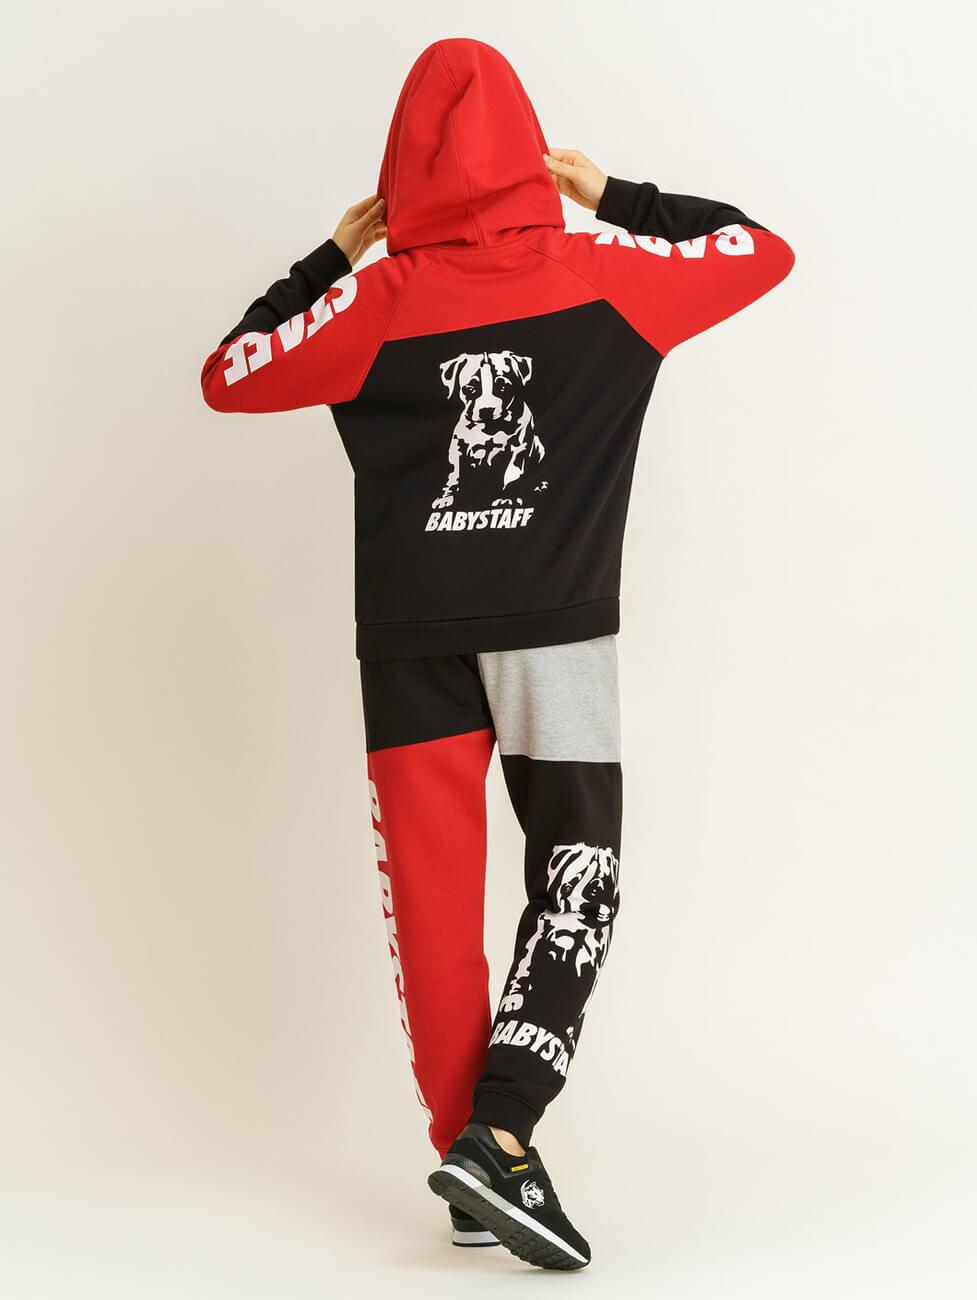 Крутые спортивные костюмы женские Амстафф Babystaff Aruna red